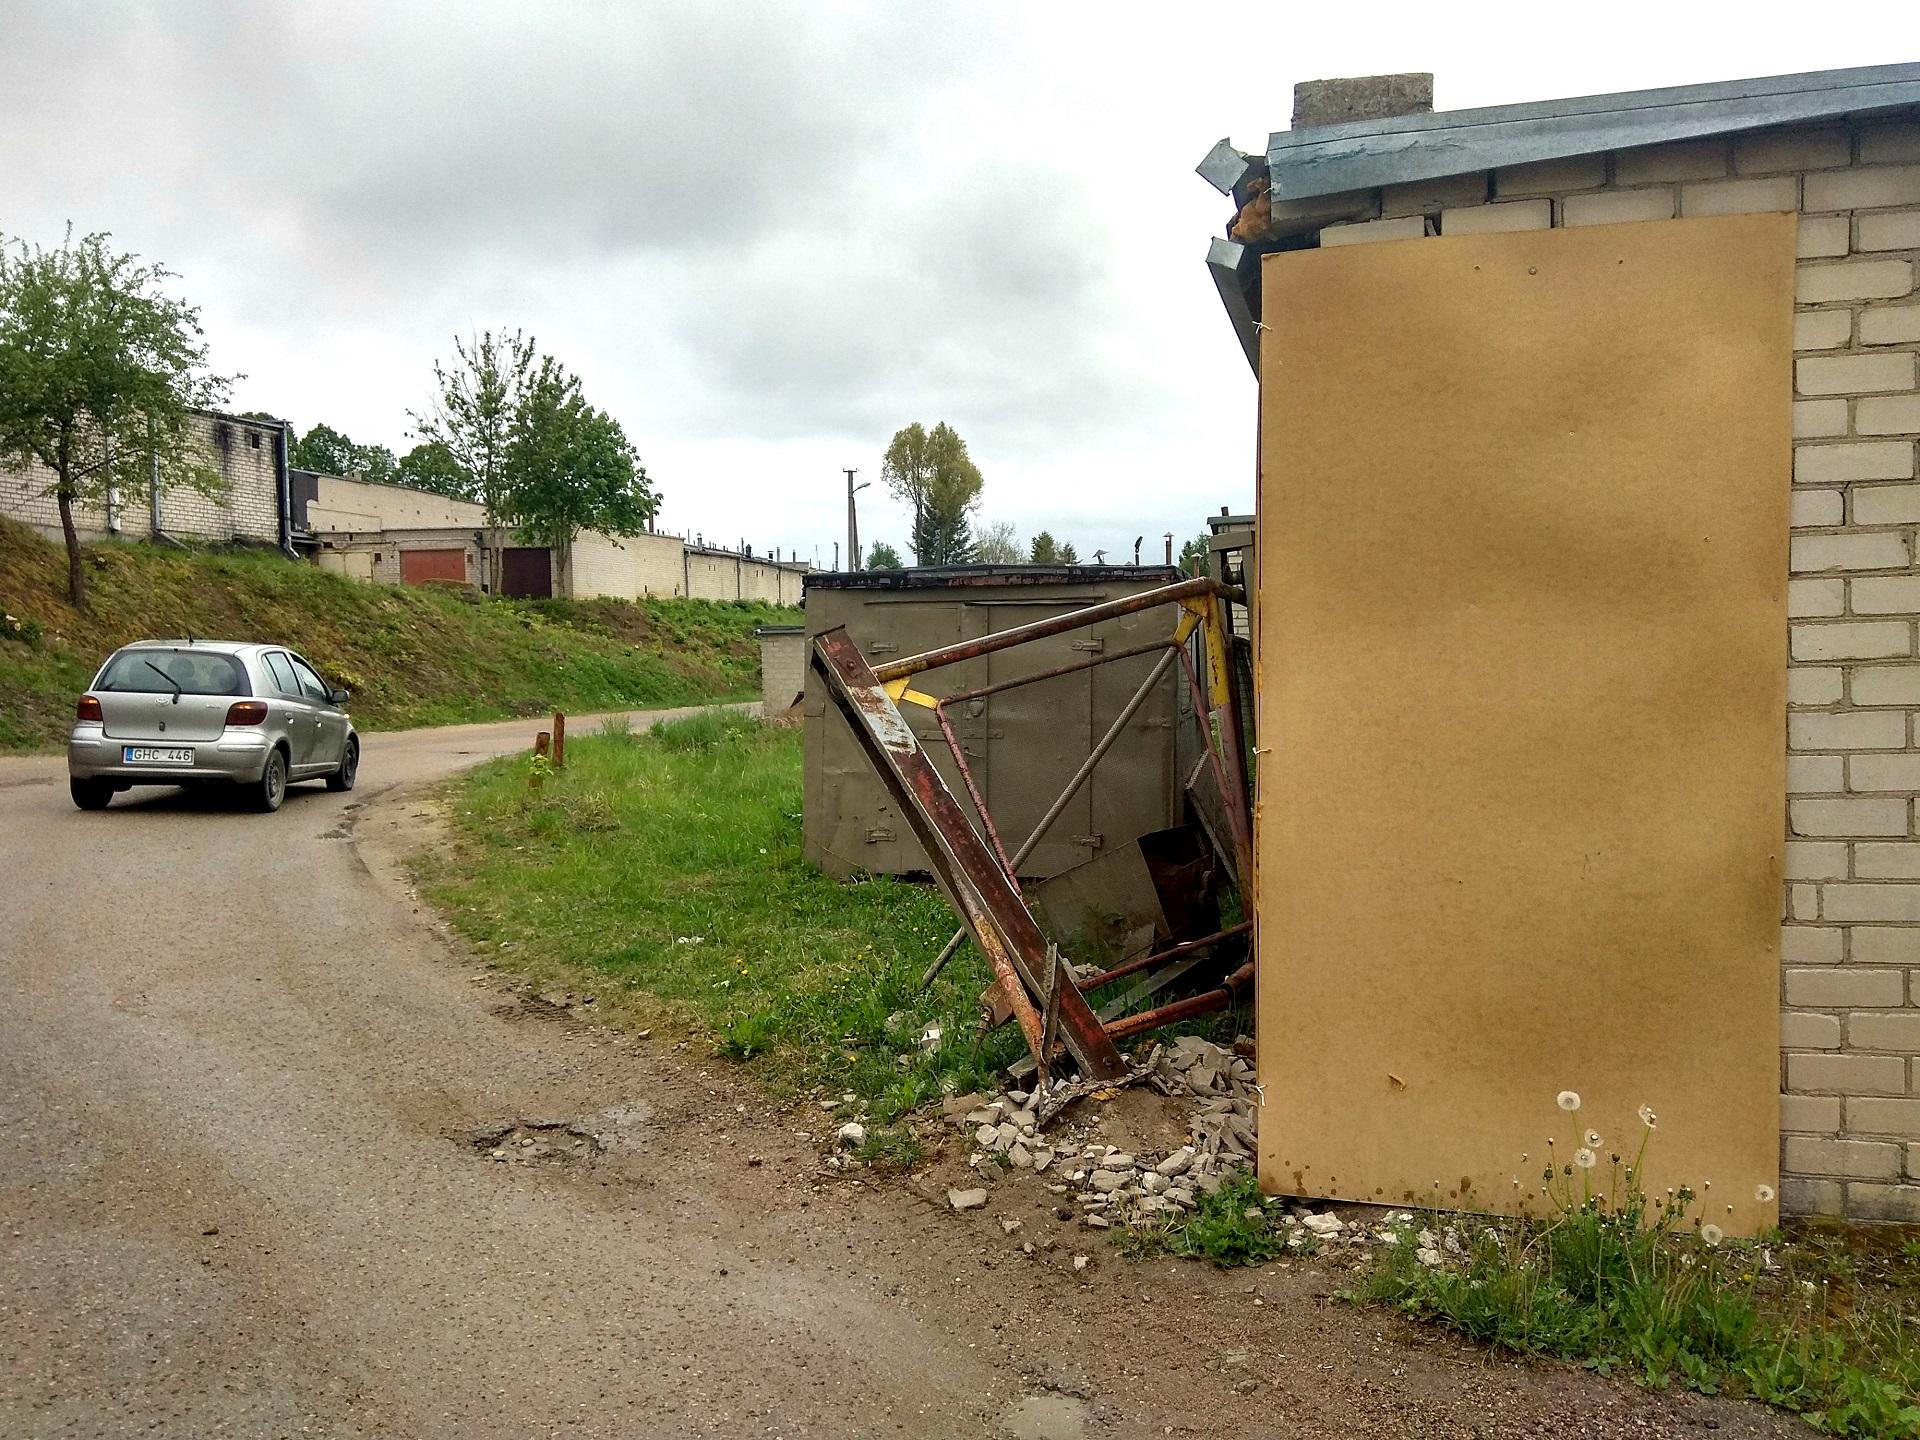 Problema dar paaštrėjo, kai sunkiasvorė technika sulaužė garažų bendrijos vartus. D. Kuprijanovo nuotr.